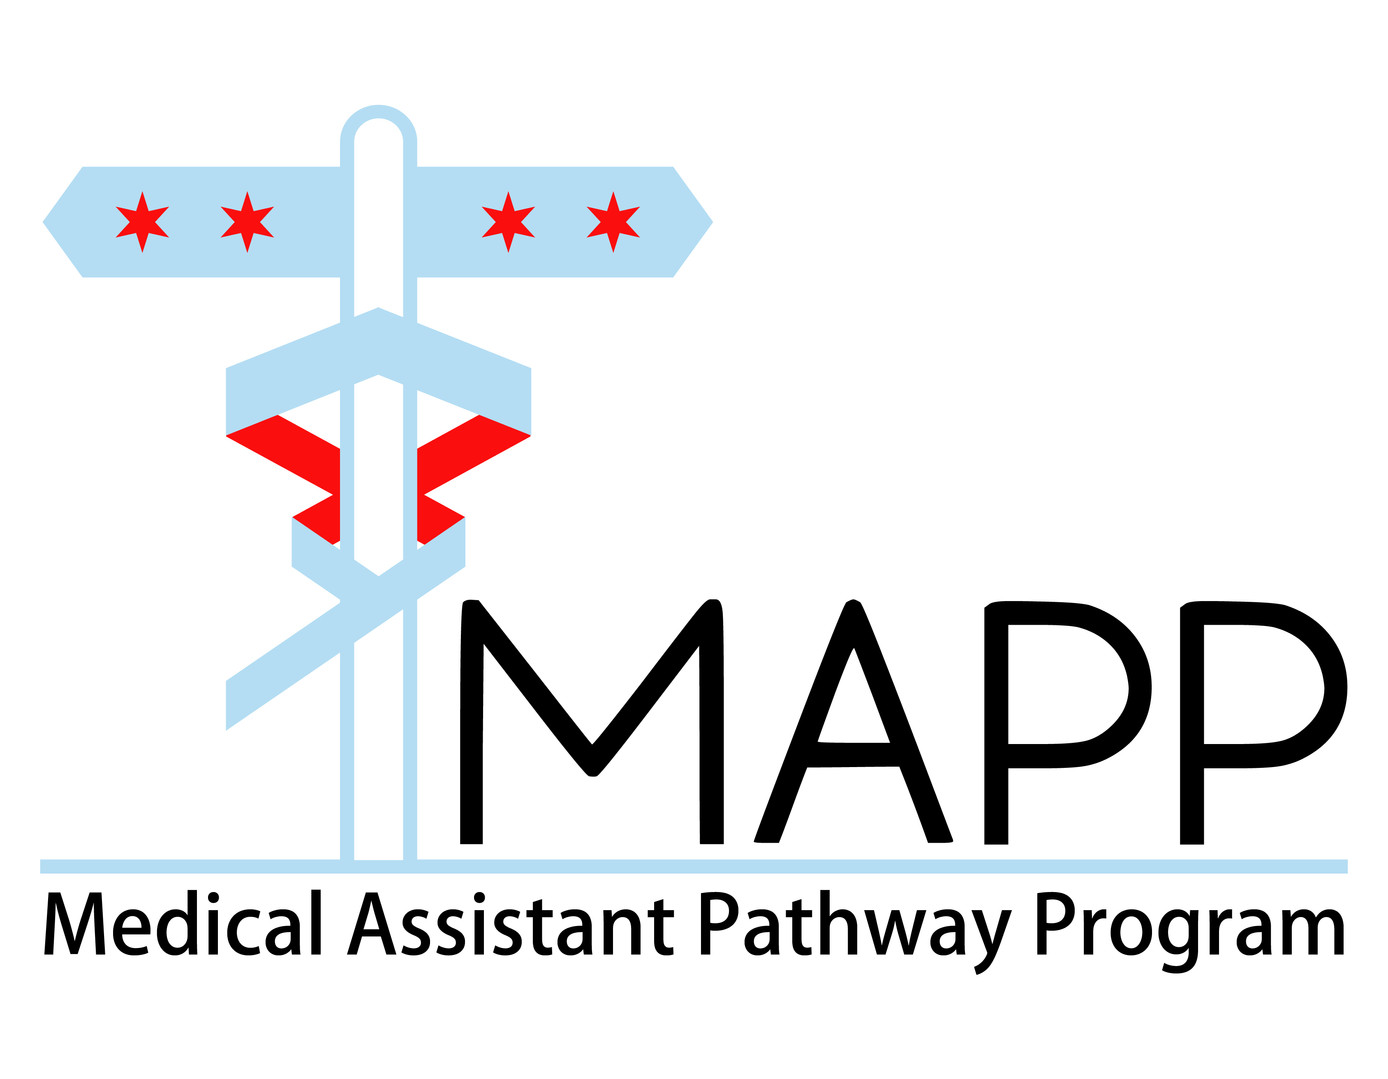 mapp-logo.jpg